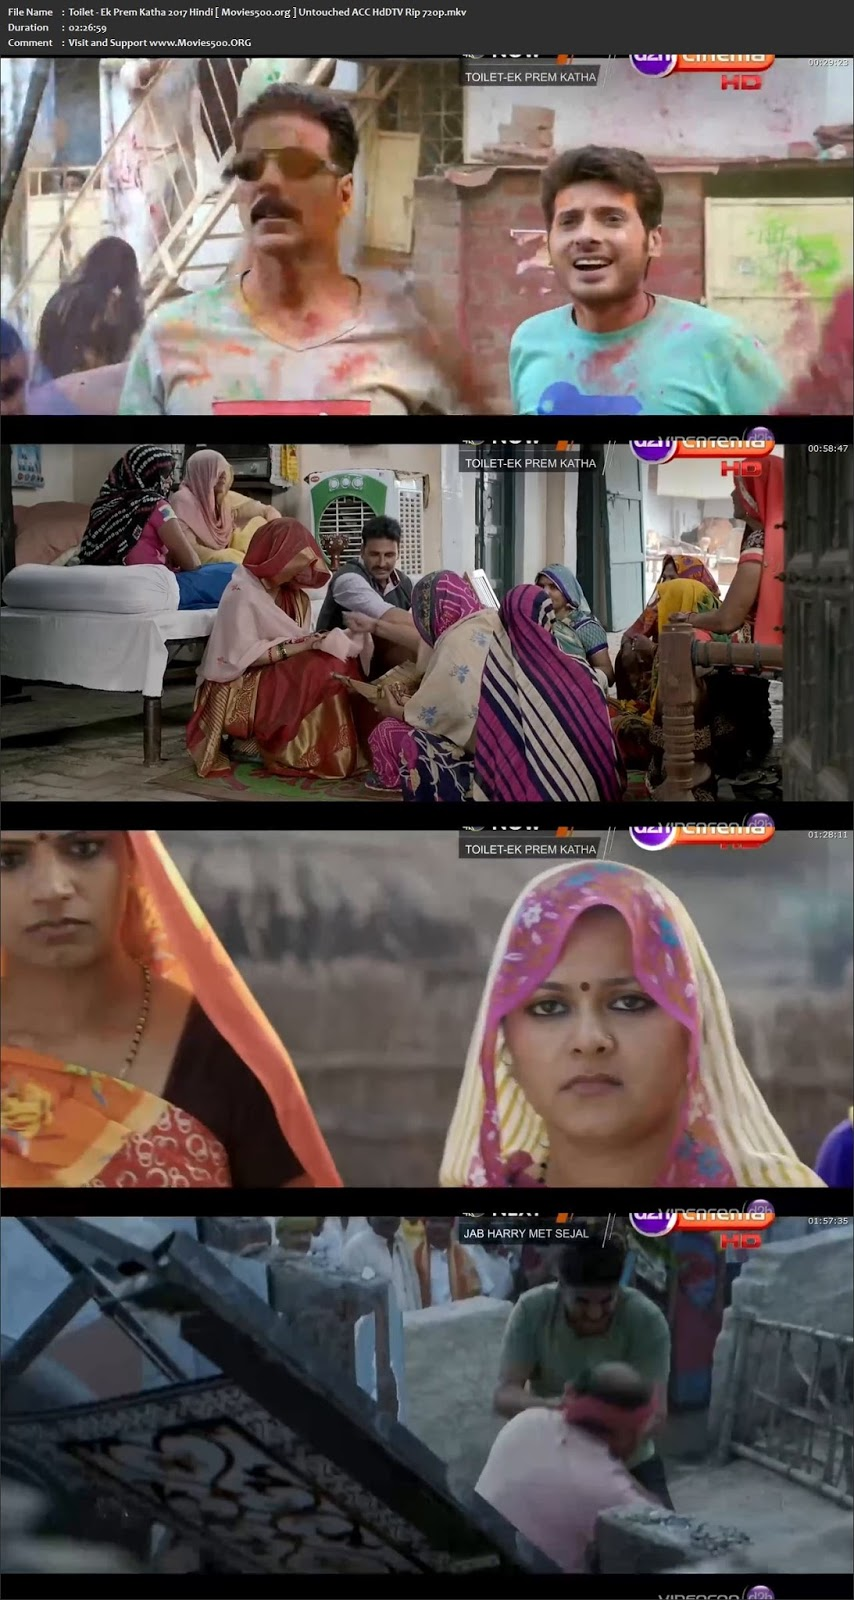 Toilet Ek Prem Katha 2017 Hindi Full Movie HDTV Rip 720p 1GB